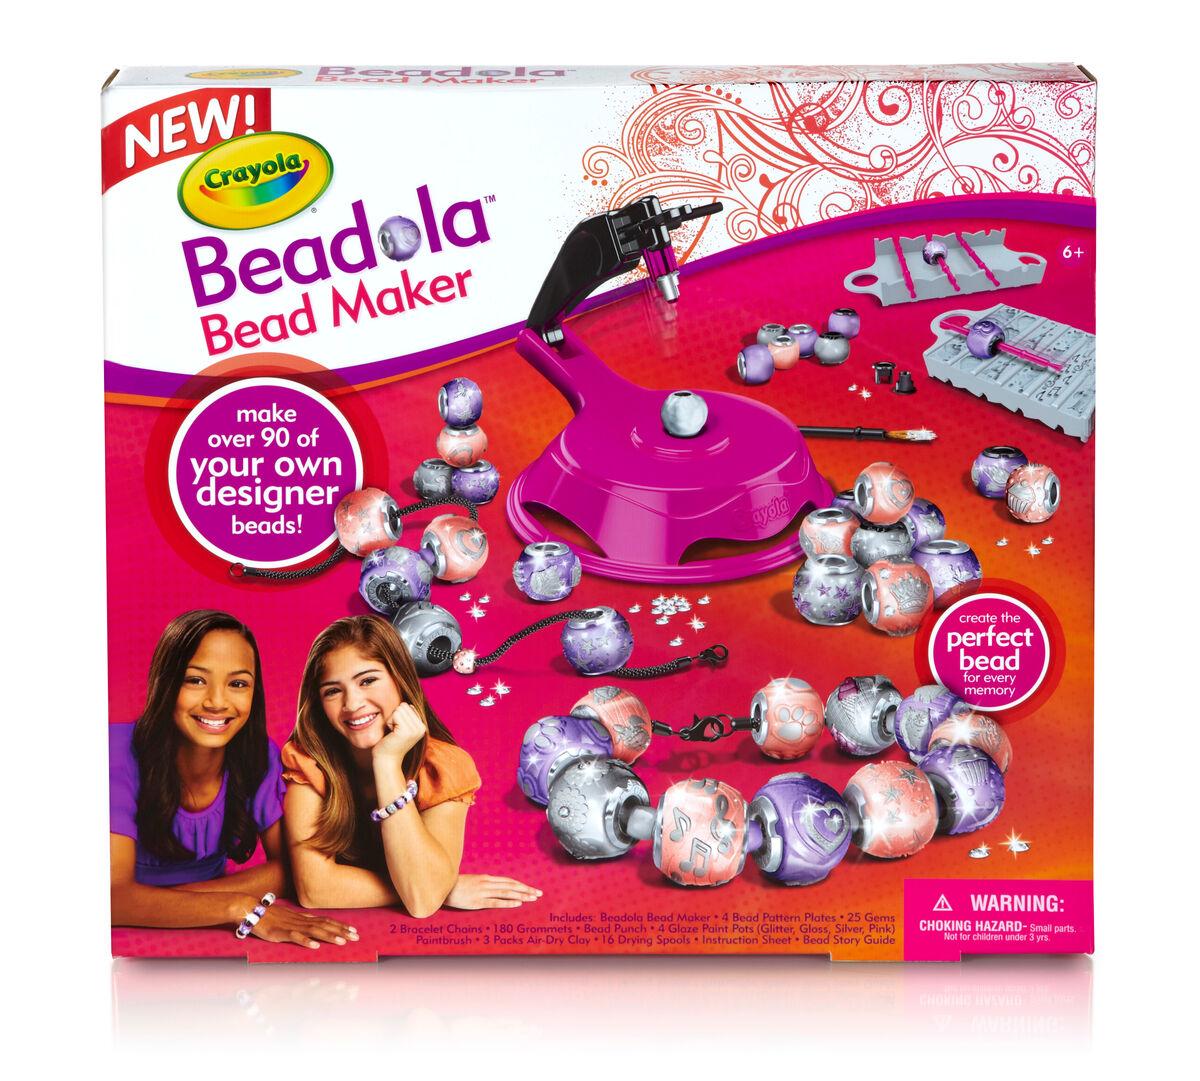 beadola bead maker instructions